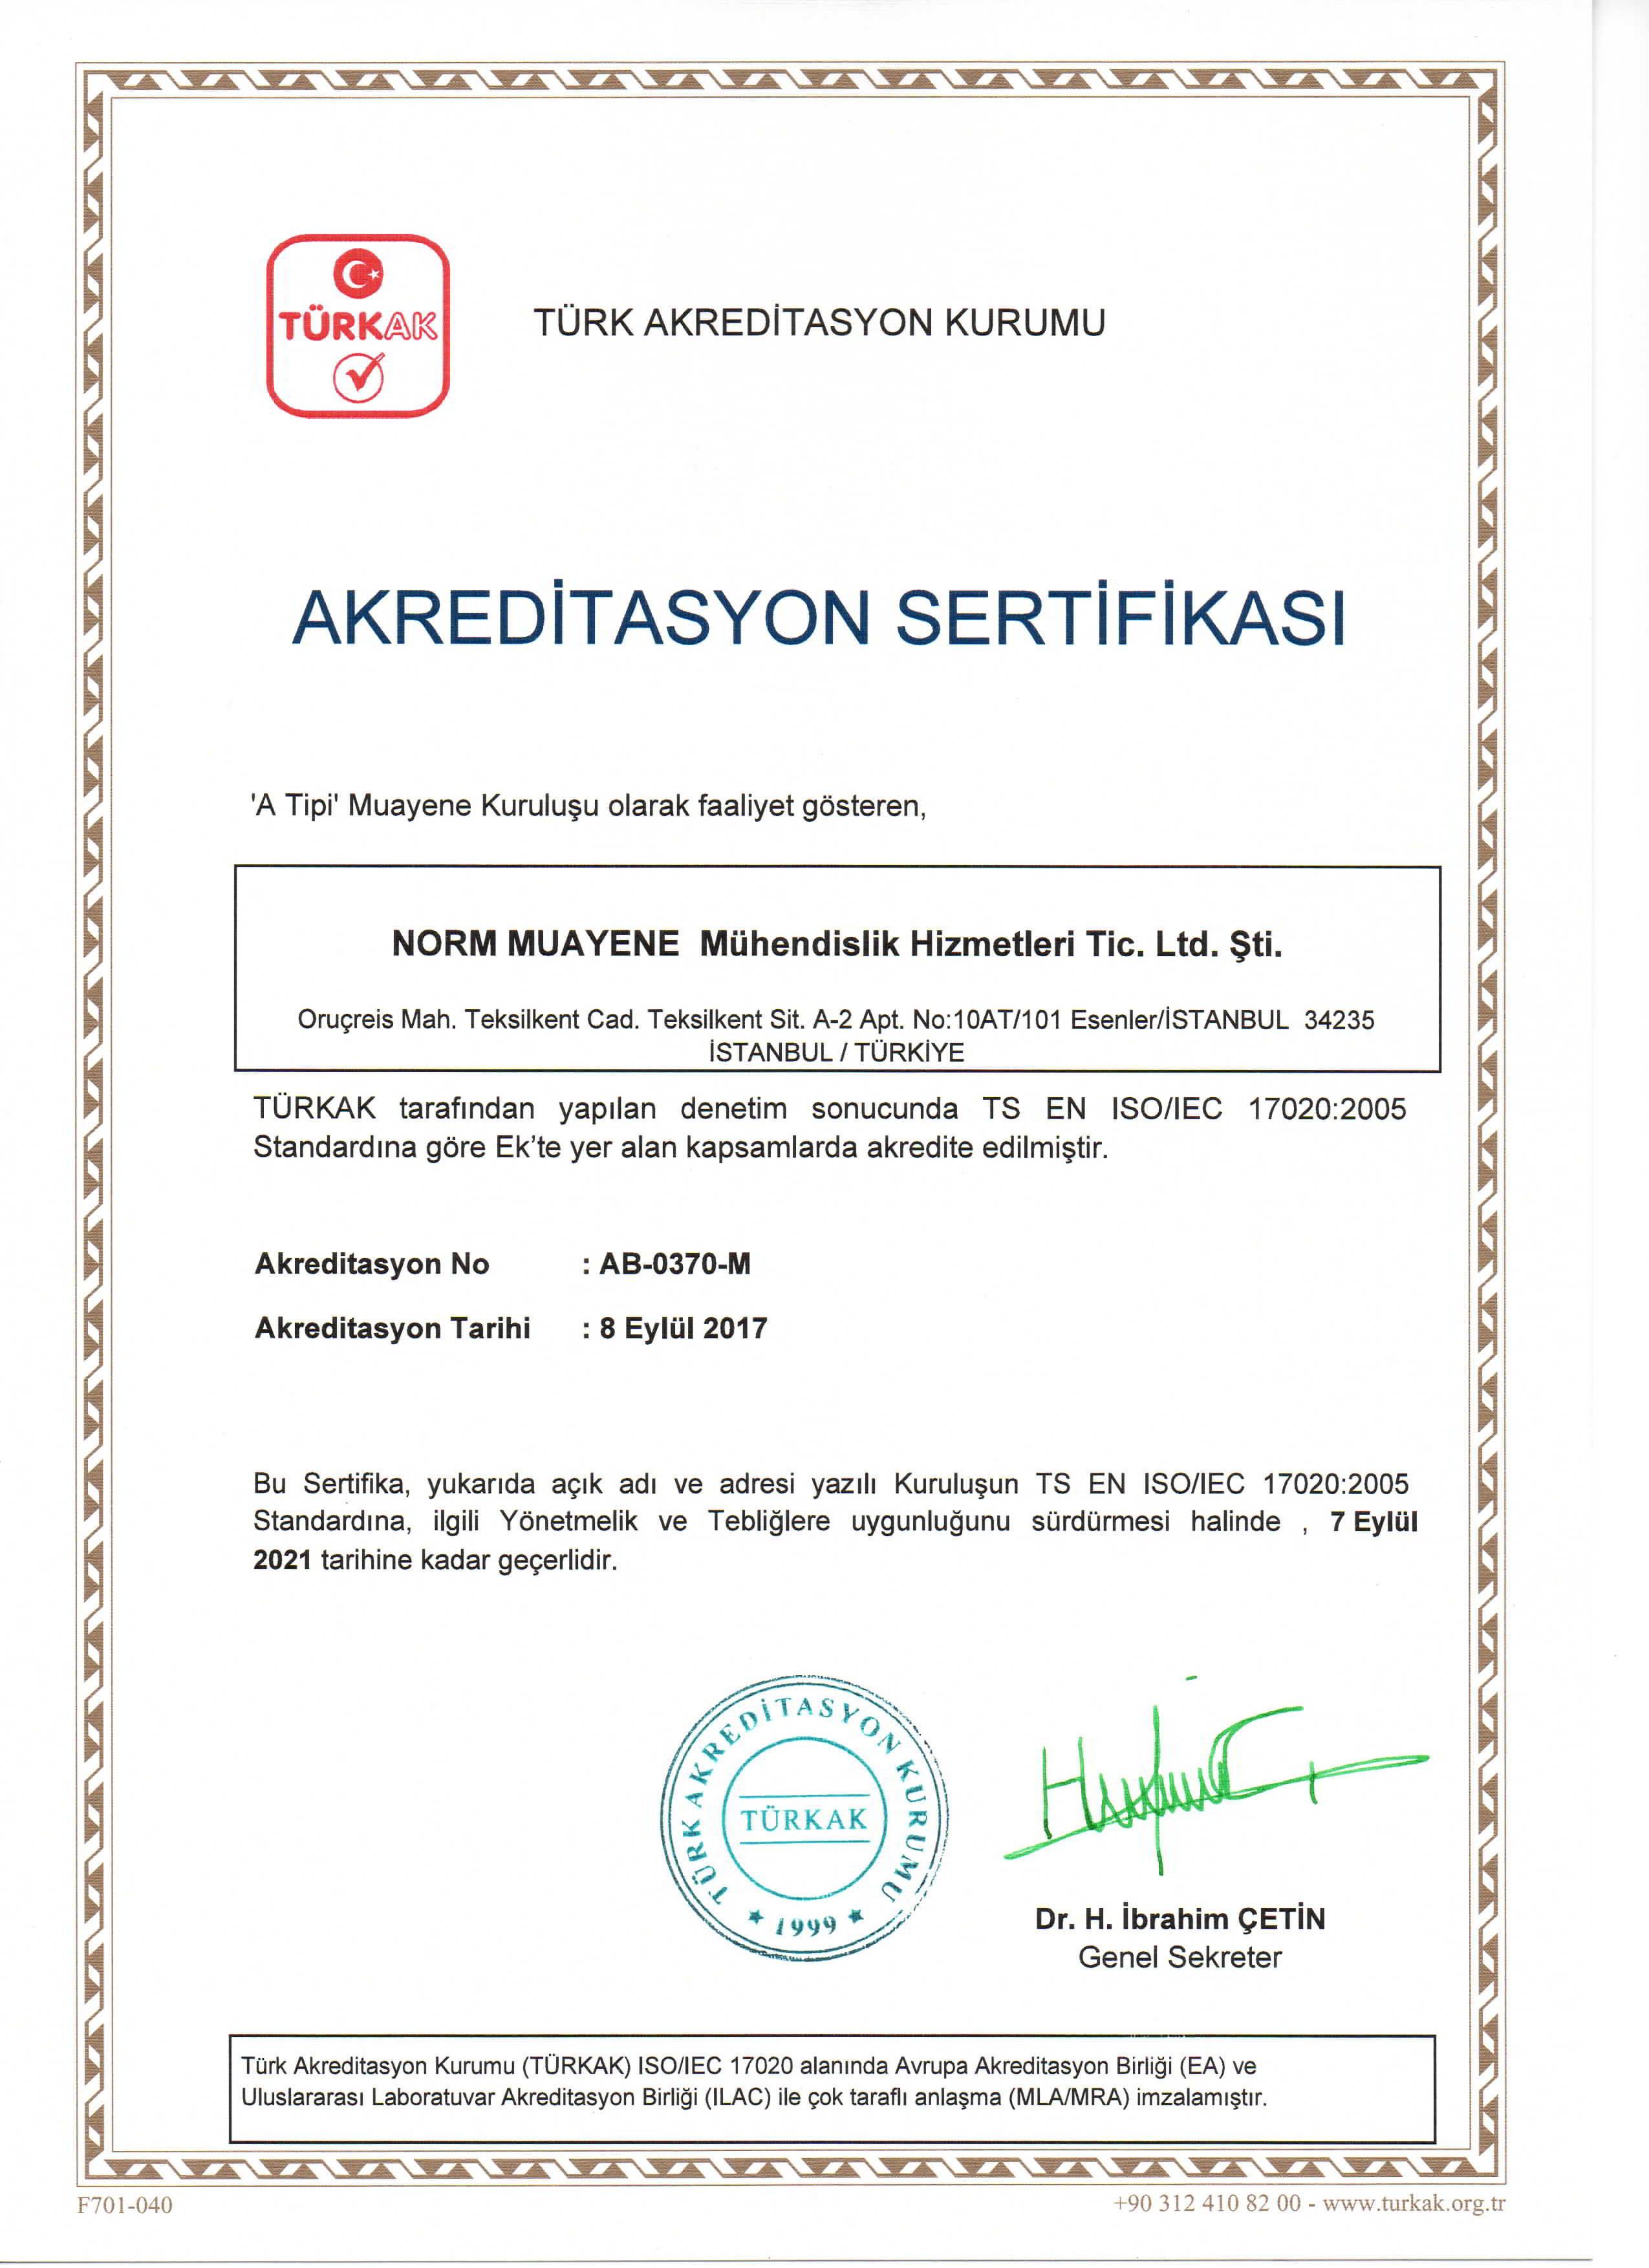 türkak akreditasyon norm muayene